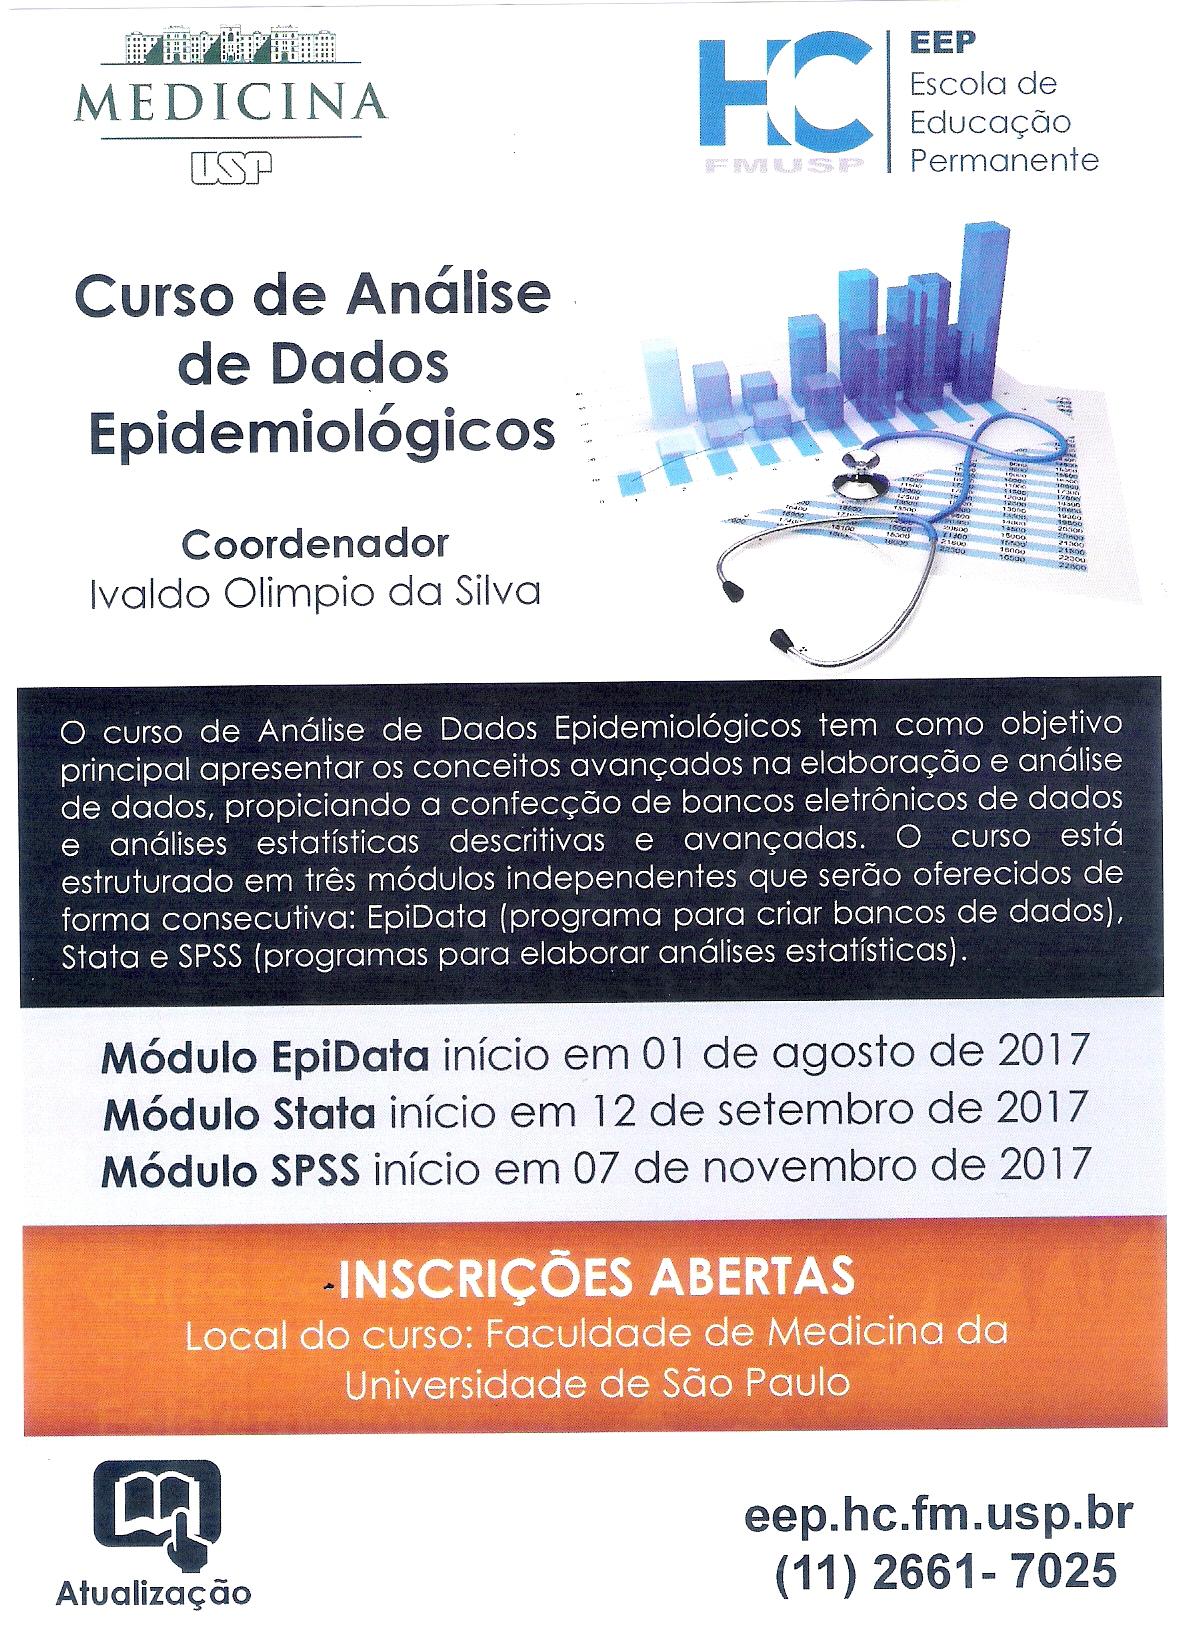 Curso_Analise_Dados_Epidemiologicos_Avisos_2017